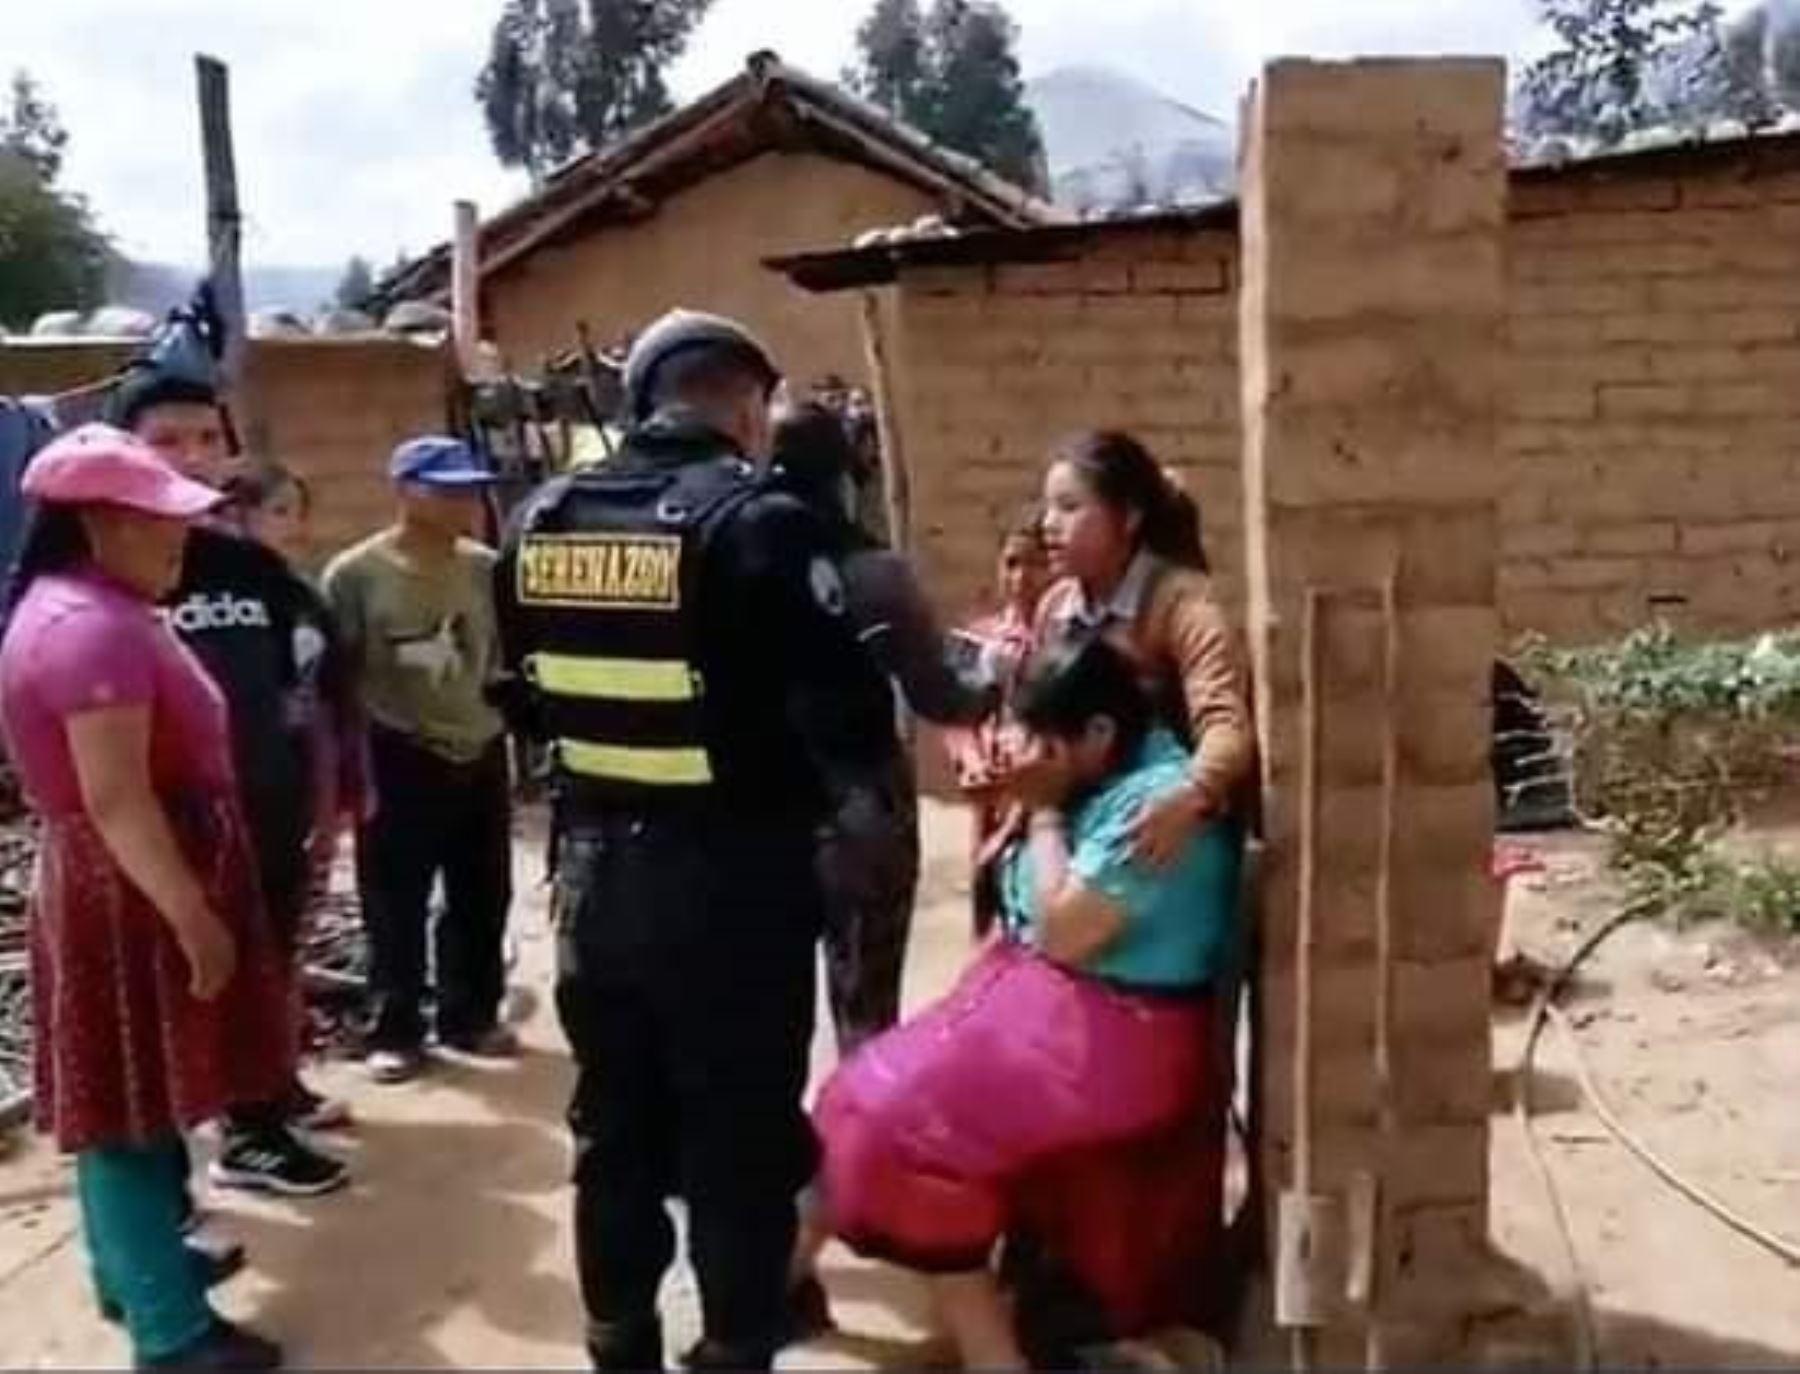 Defensoría del Pueblo pide una exhaustiva investigación por la trágica muerte de dos niños en La Libertad tras la explosión de una caja de dinamita en Huamachuco. Foto: Wira Media Huamachuco/Facebook